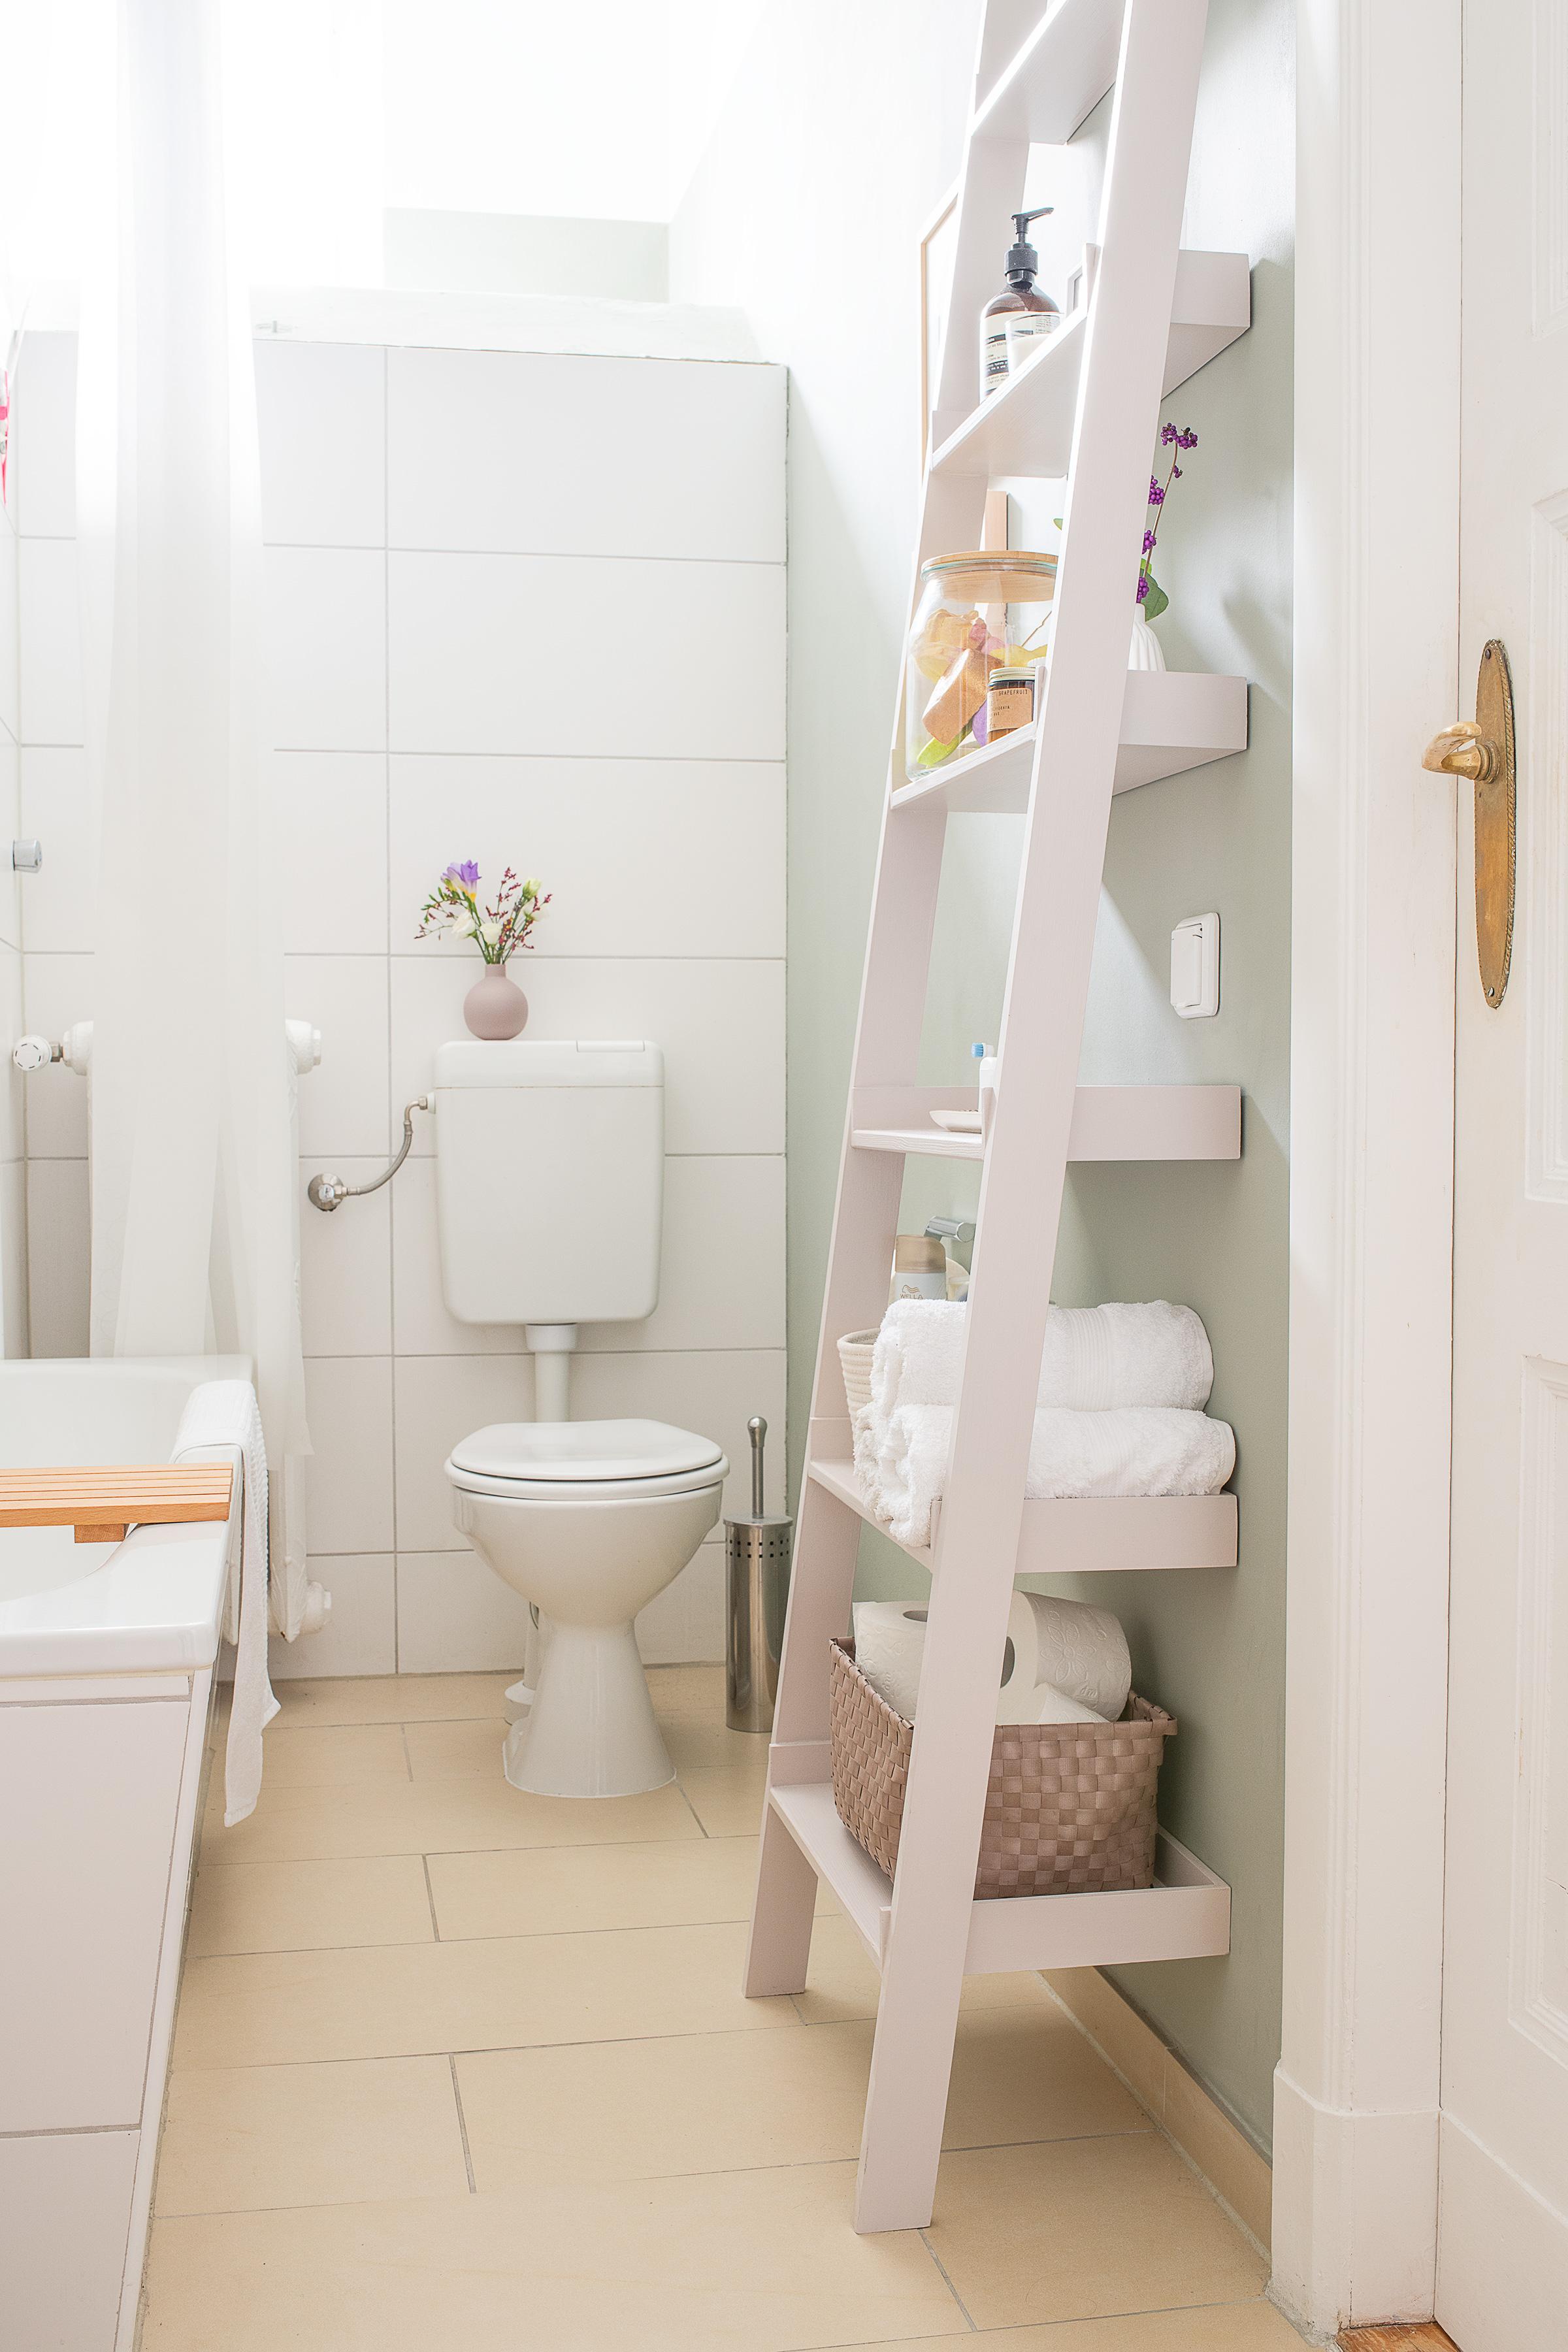 A cute pink DIY storage shelf ladder in a bathroom